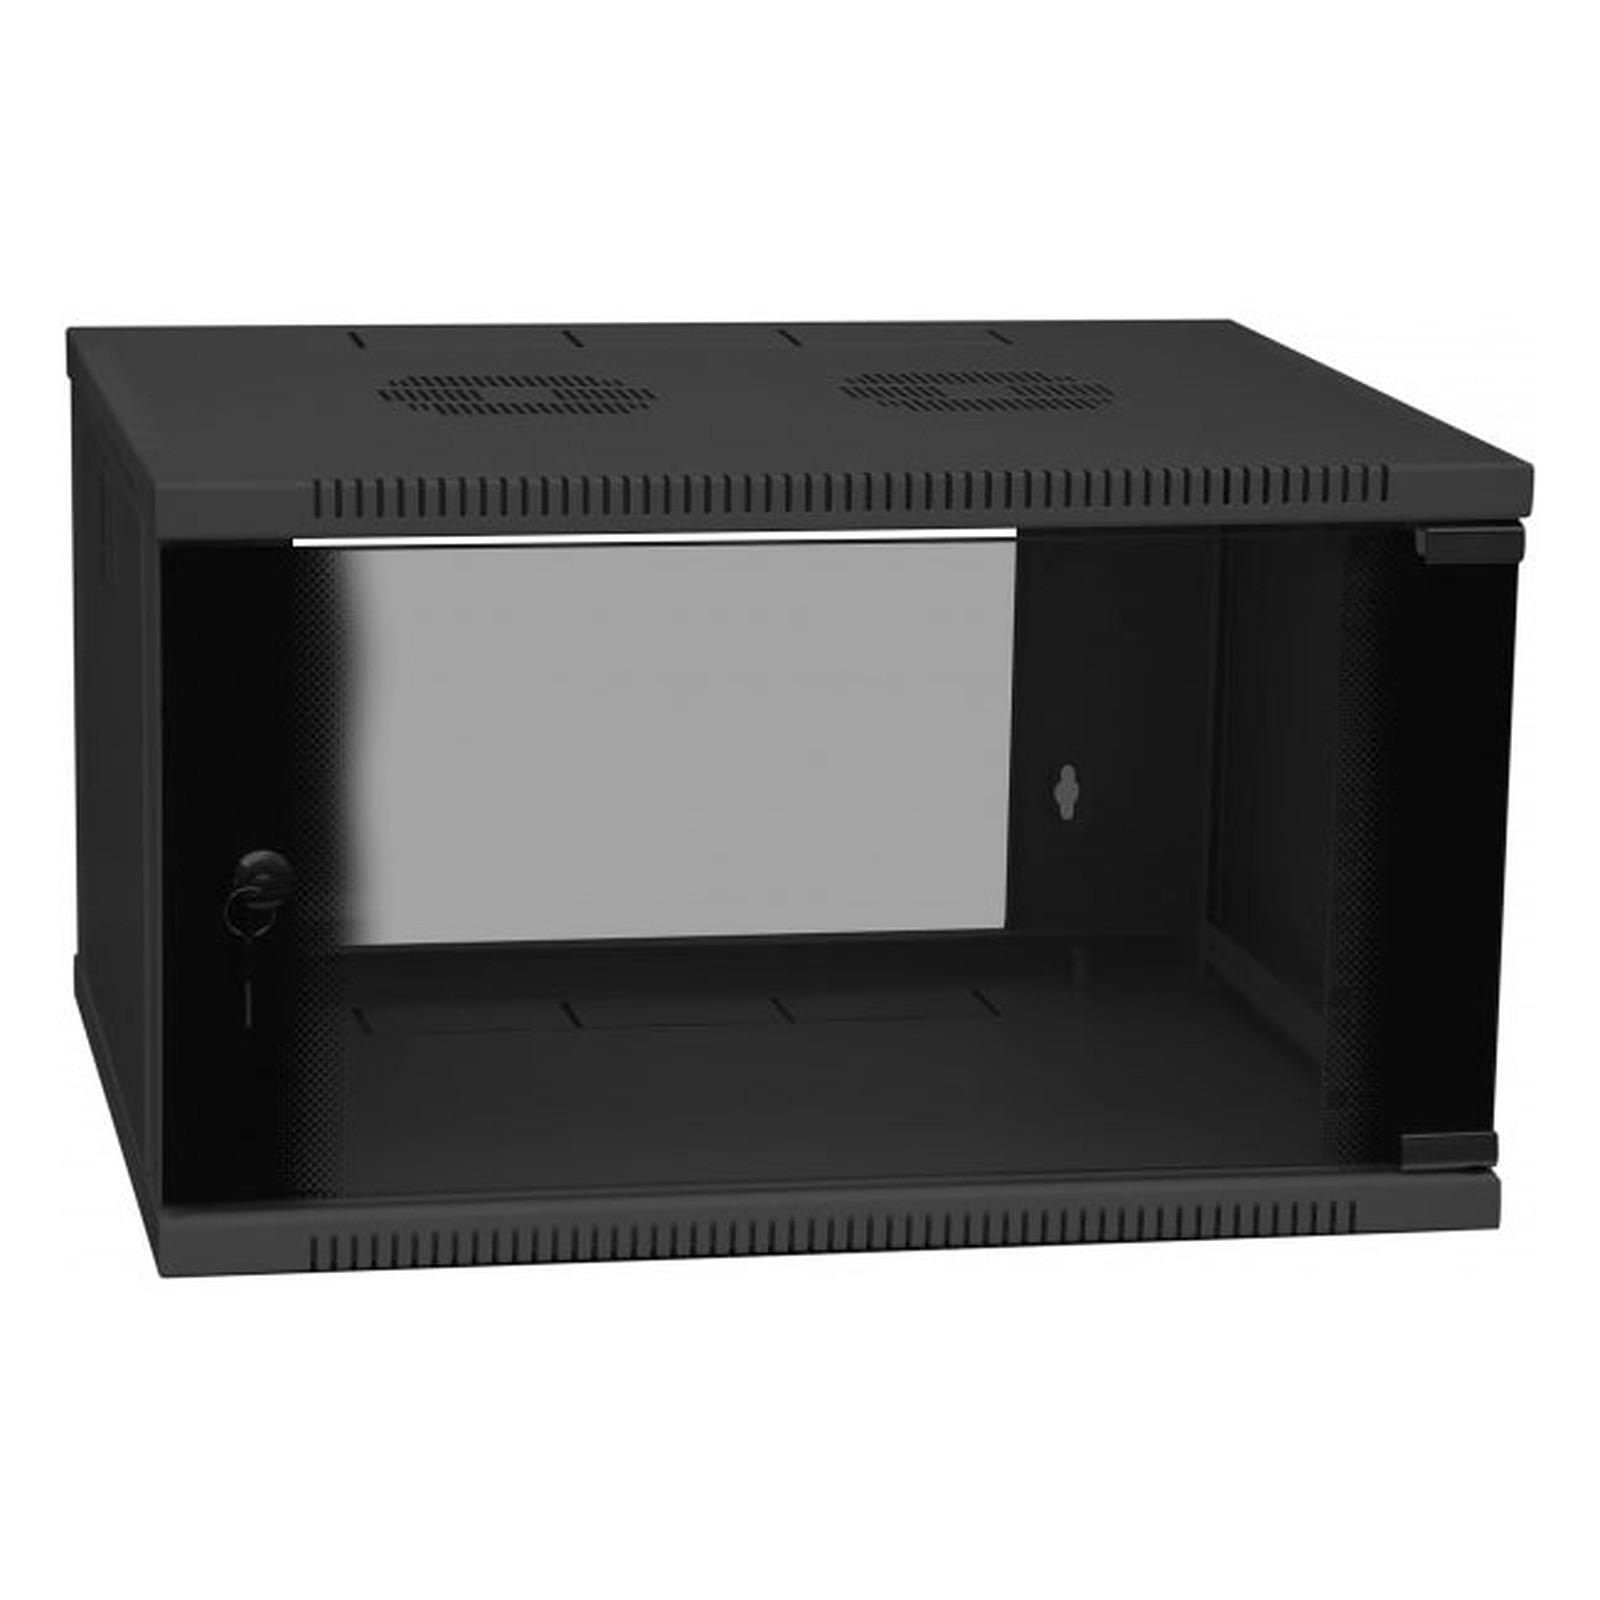 coffret r seau 19 39 39 hauteur 4u profondeur 45 cm noir rack g n rique sur. Black Bedroom Furniture Sets. Home Design Ideas